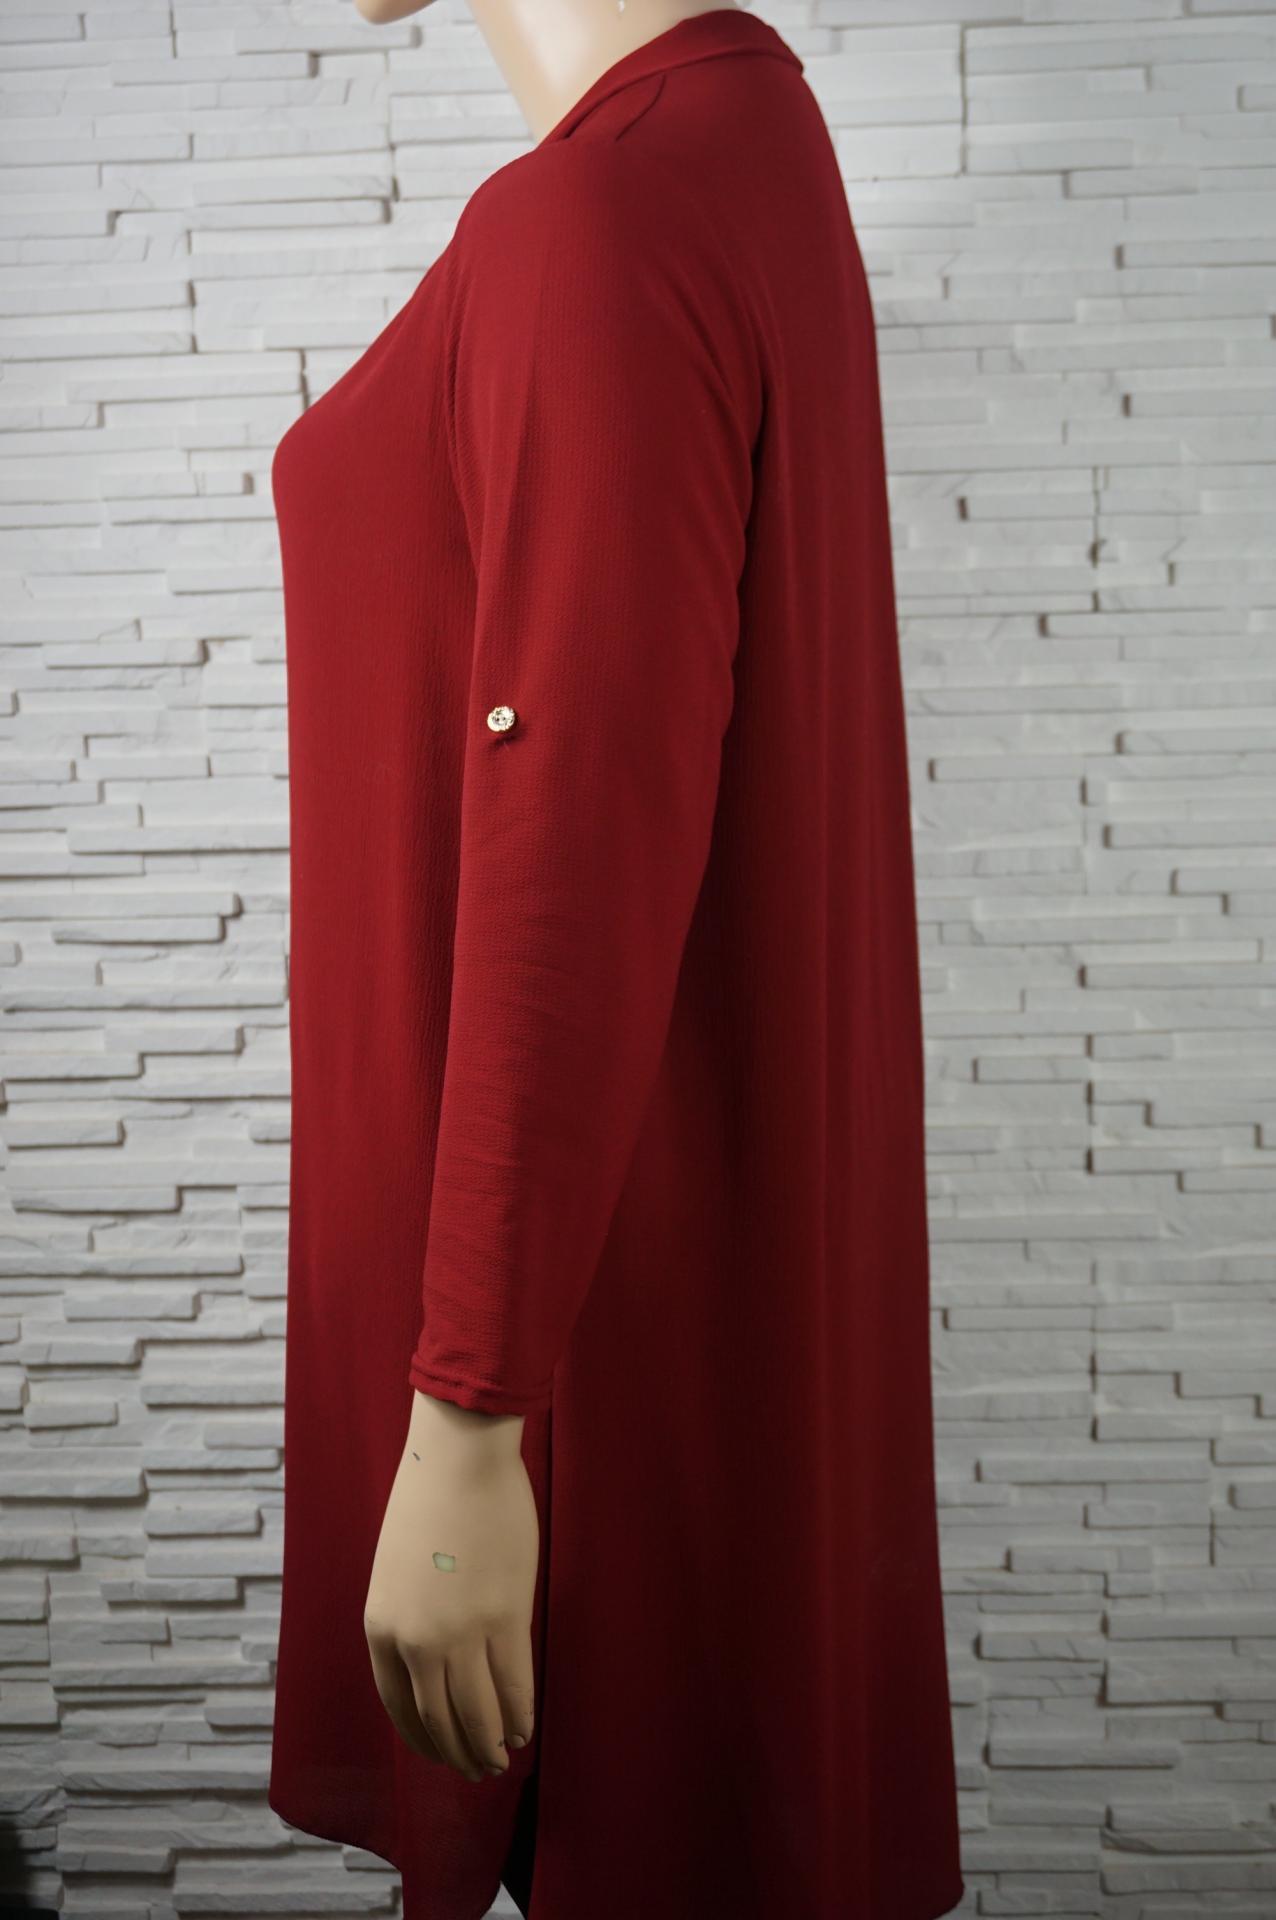 Robe tunique longue a liens5